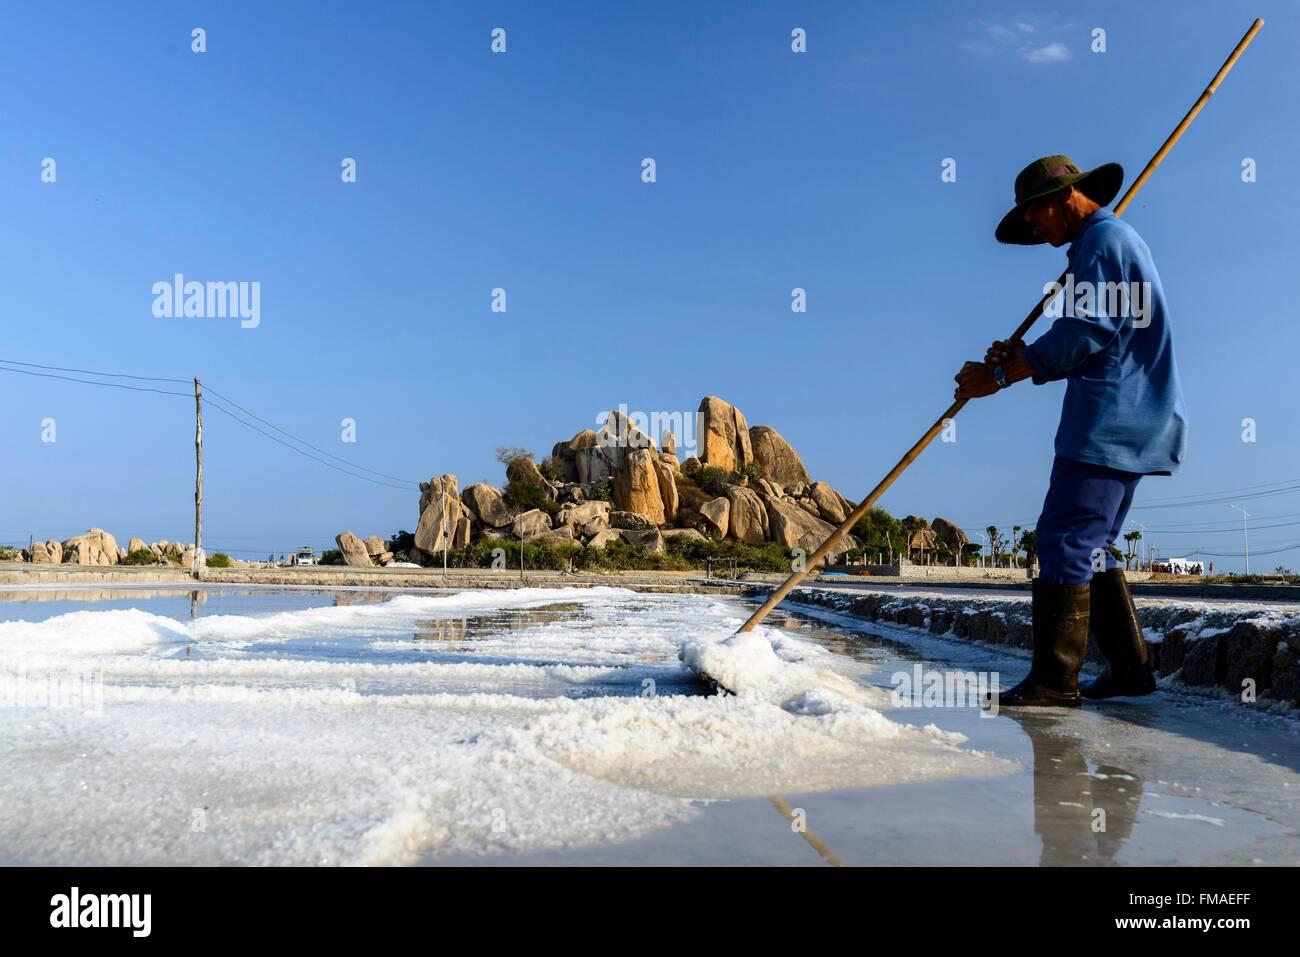 Vietnam, Ninh Thuan province, Phan Rang, salin, harvesting salt in the salins - Stock Image